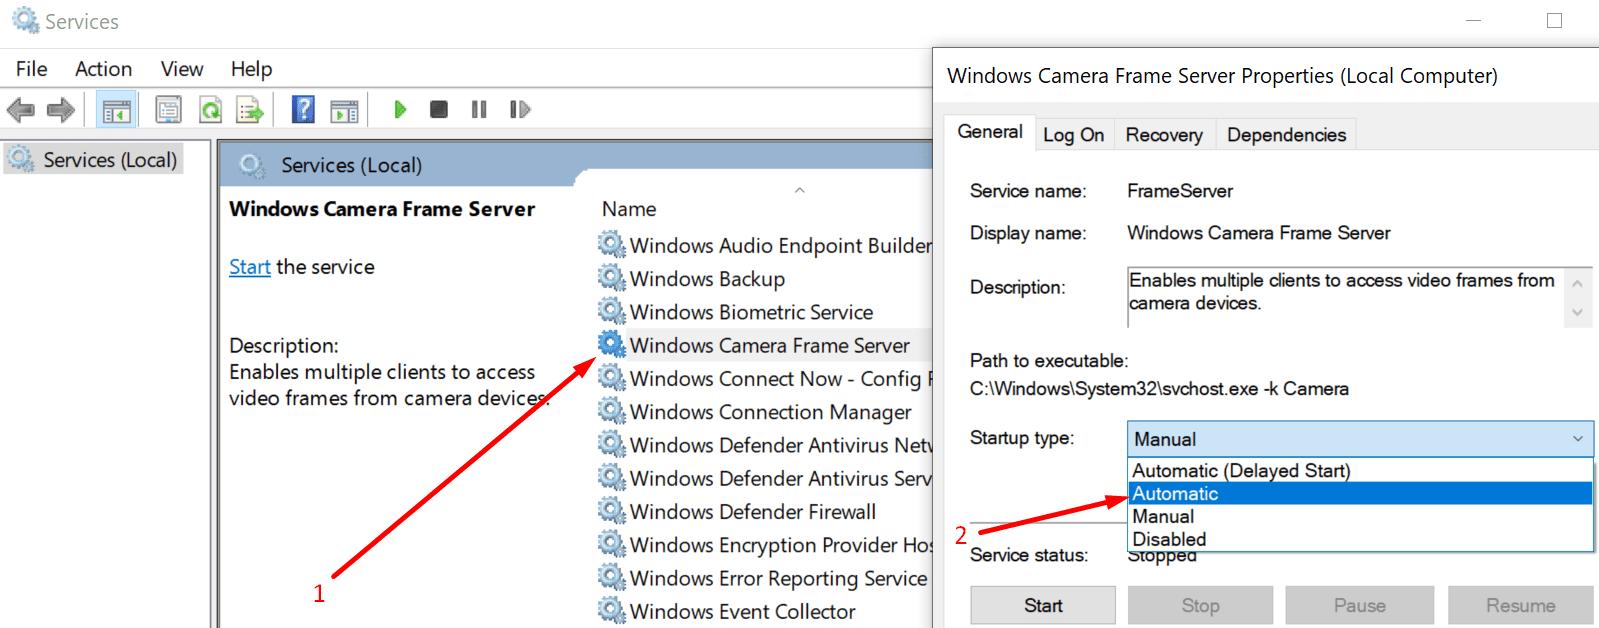 Servicio de Windows Camera Frame Server